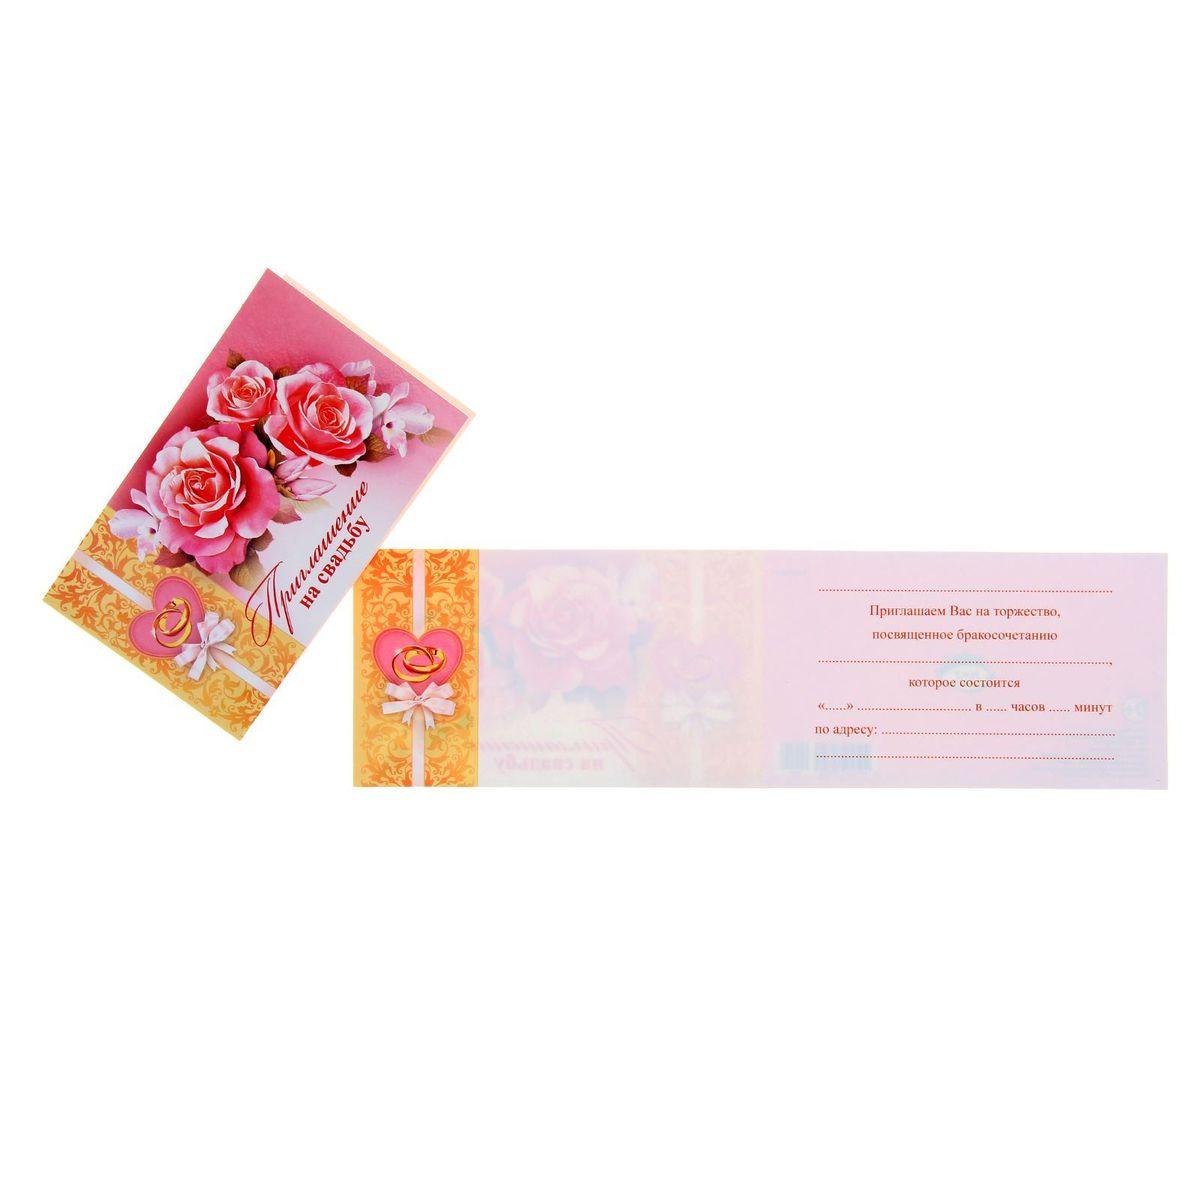 Приглашение на свадьбу Мир открыток Розы и бантик1142707Приглашение на свадьбу Мир открыток Розы и бантик, выполненное из картона, отличается не только оригинальным дизайном, но и высоким качеством. Лицевая сторона изделия оформлена красивым изображением цветов и колец. Внутри содержится поле для записи имени гостя, а также даты и места бракосочетания. Приглашение - один из самых важных элементов вашего торжества. Ведь именно пригласительное письмо станет первым и главным объявлением о том, что вы решили провести столь важное мероприятие. И эта новость обязательно должна быть преподнесена достойным образом. Оригинальный дизайн, цвета и индивидуальные декоративные элементы - вот успех такого приглашения для свадьбы.